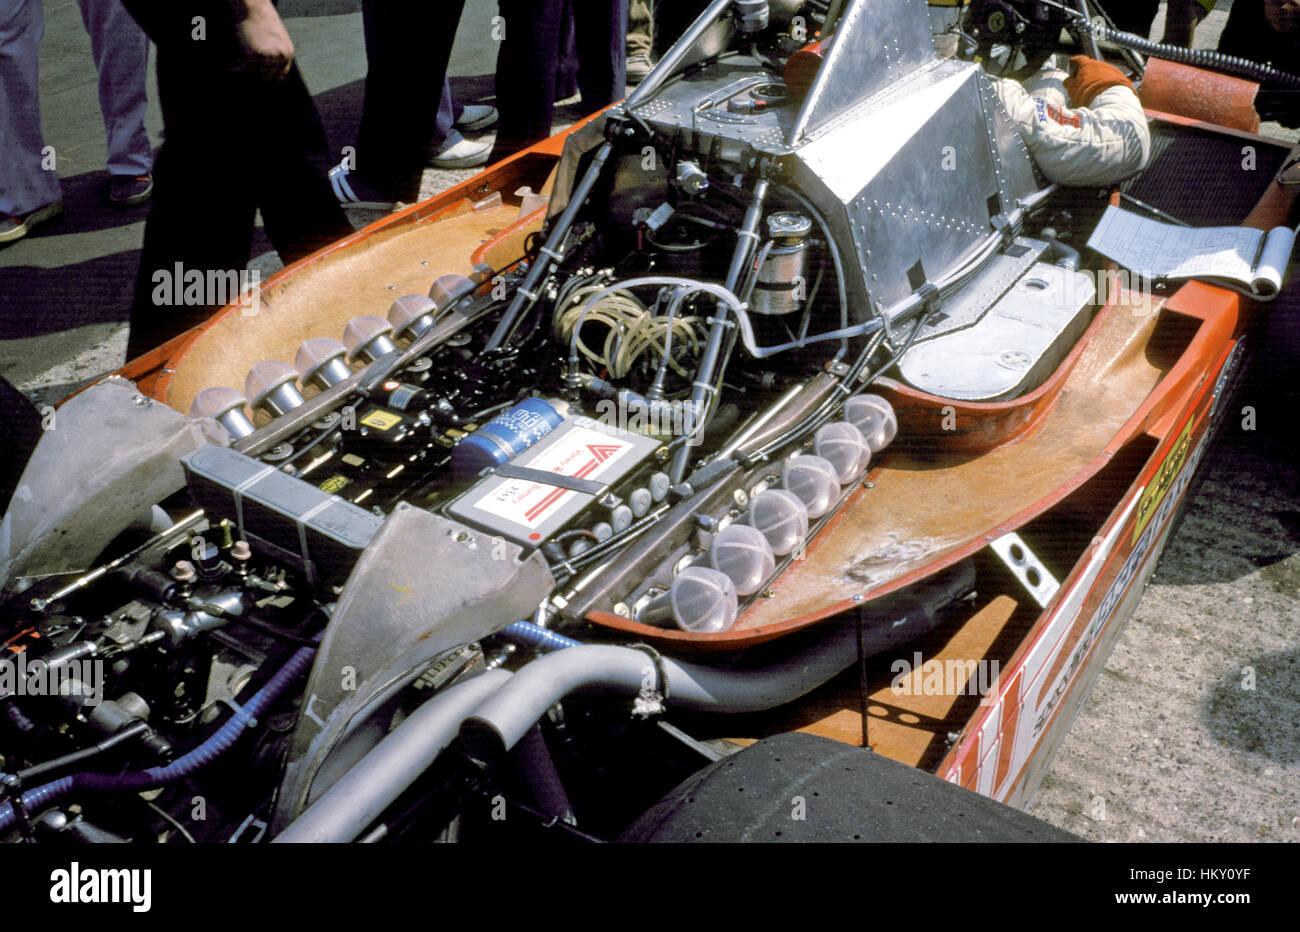 1975-Ferrari 312T Motor GG Stockbild